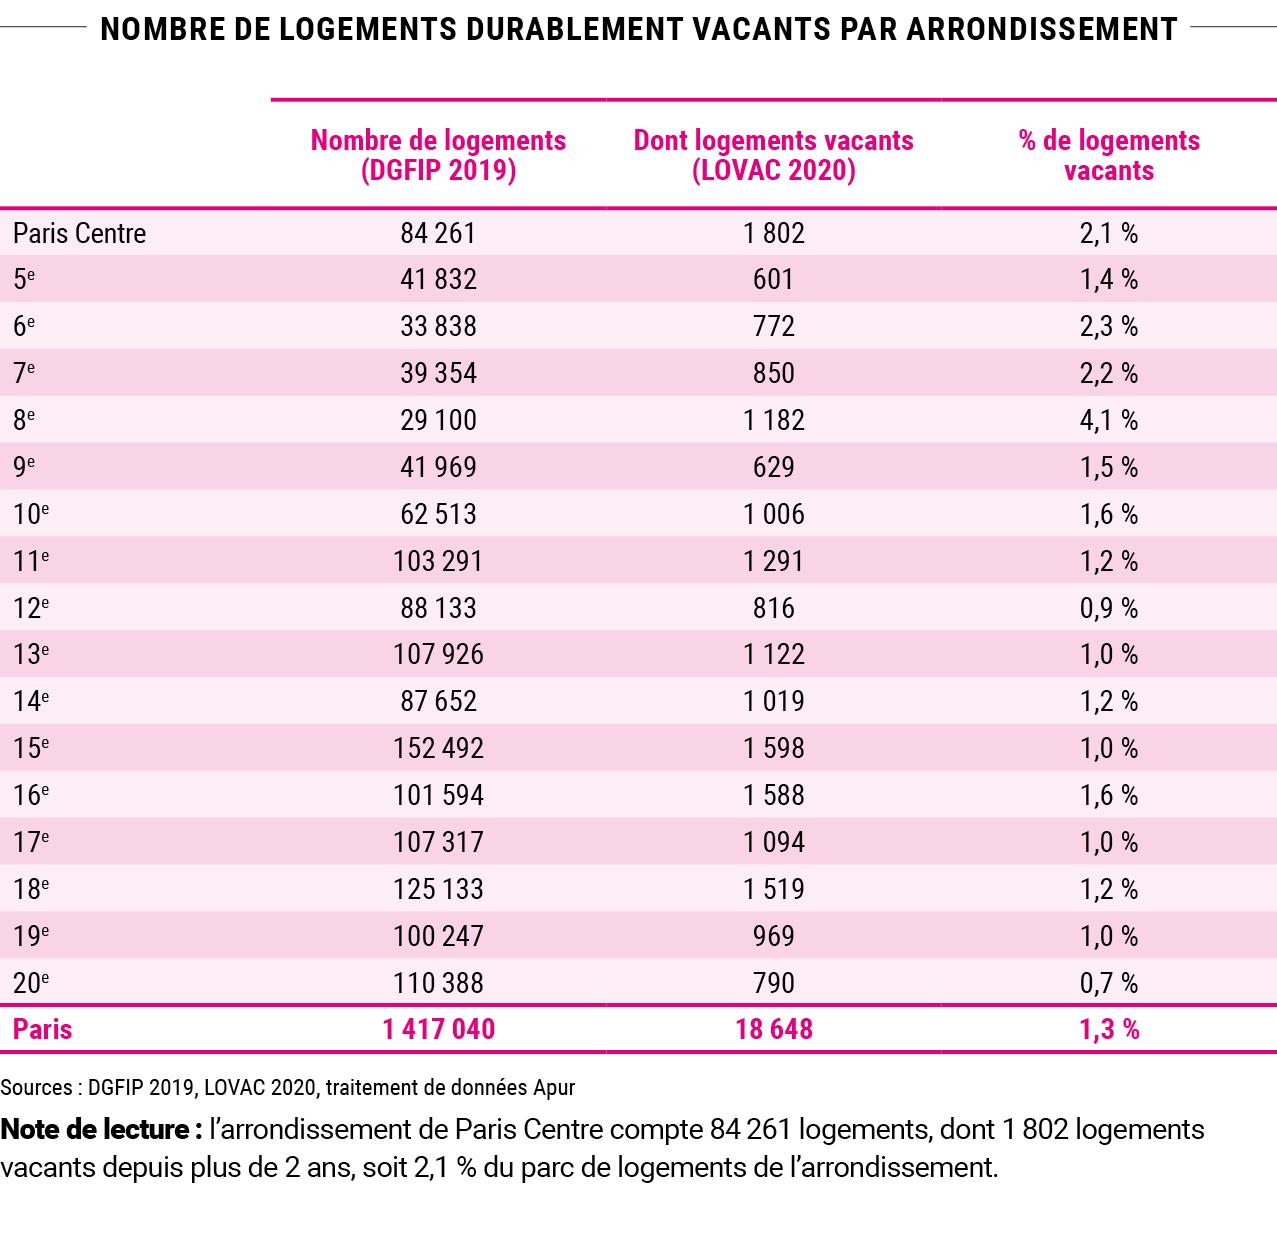 Logements durablement vacants à Paris en 2020 © Apur